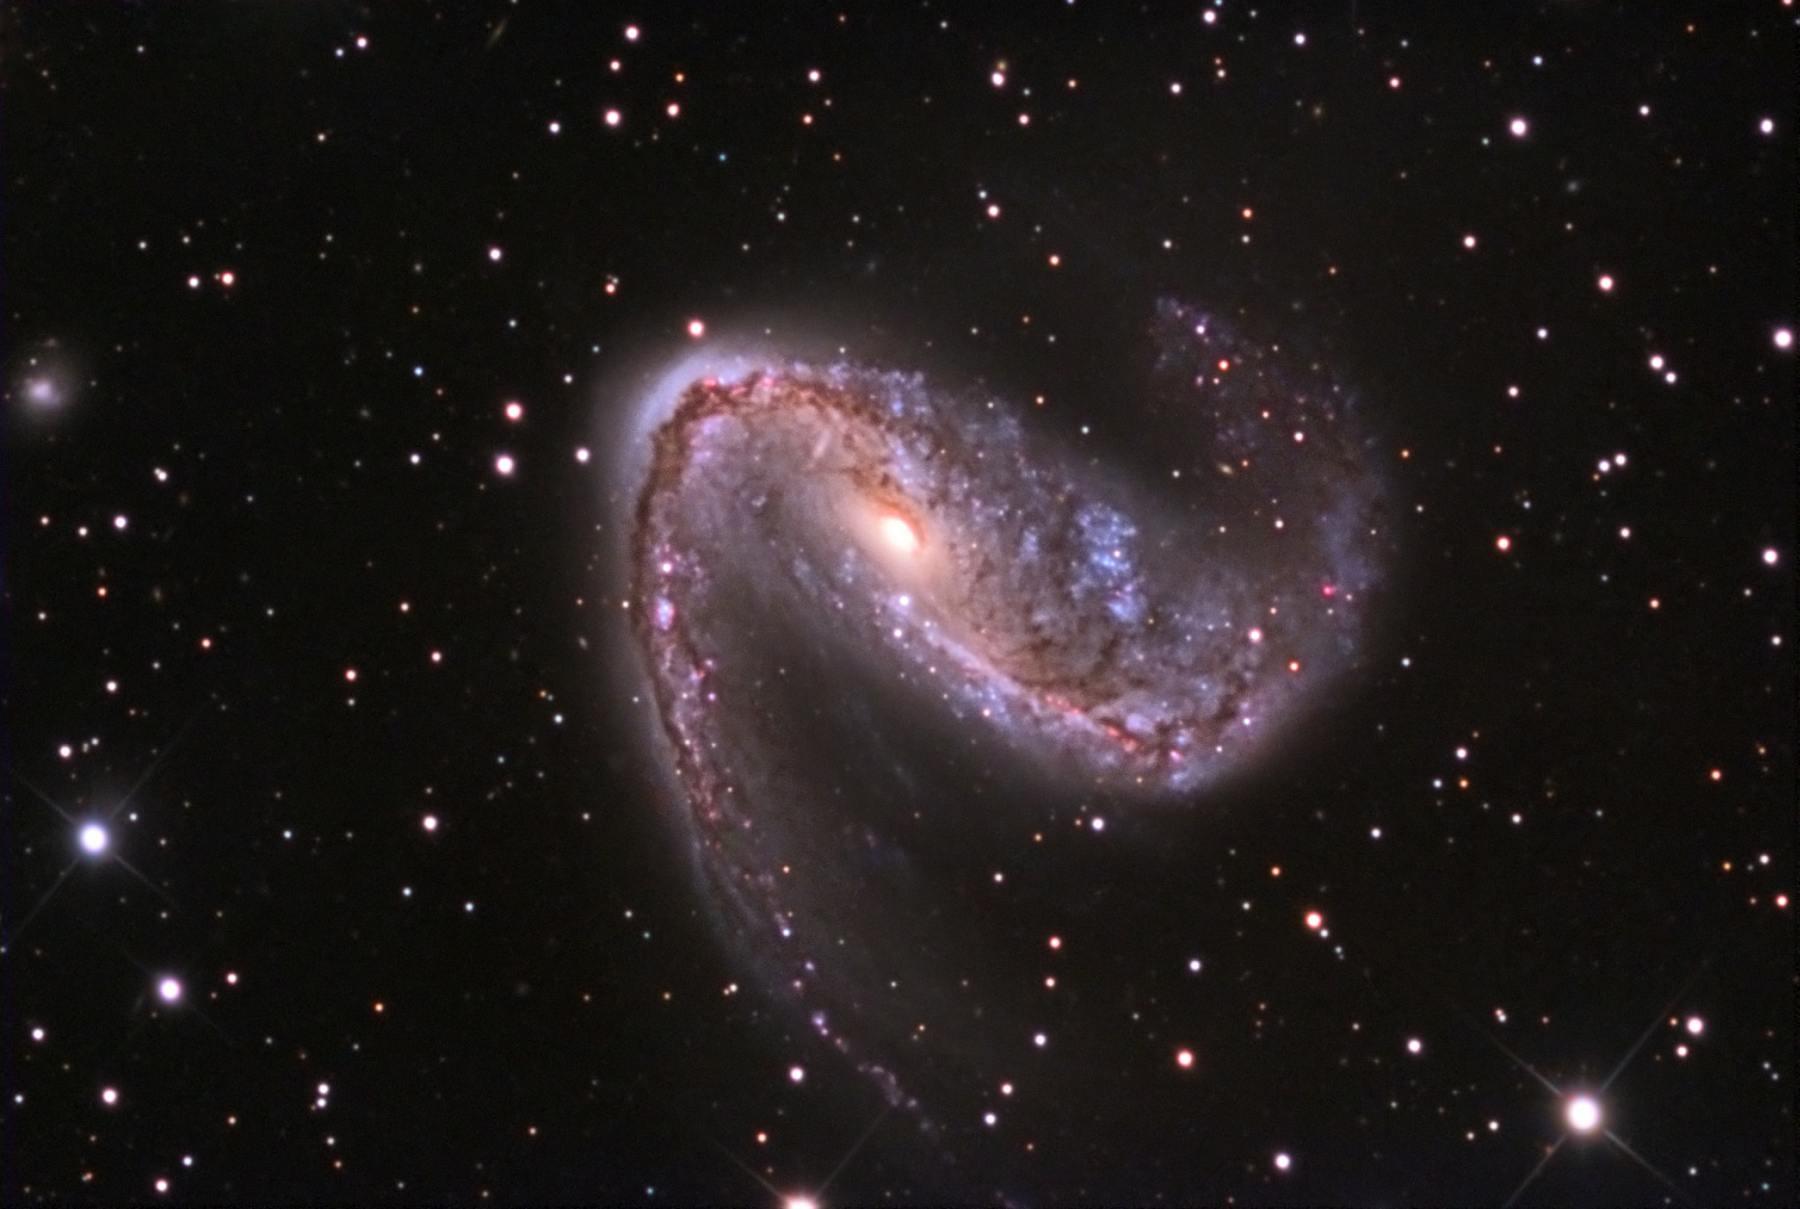 NGC 2442